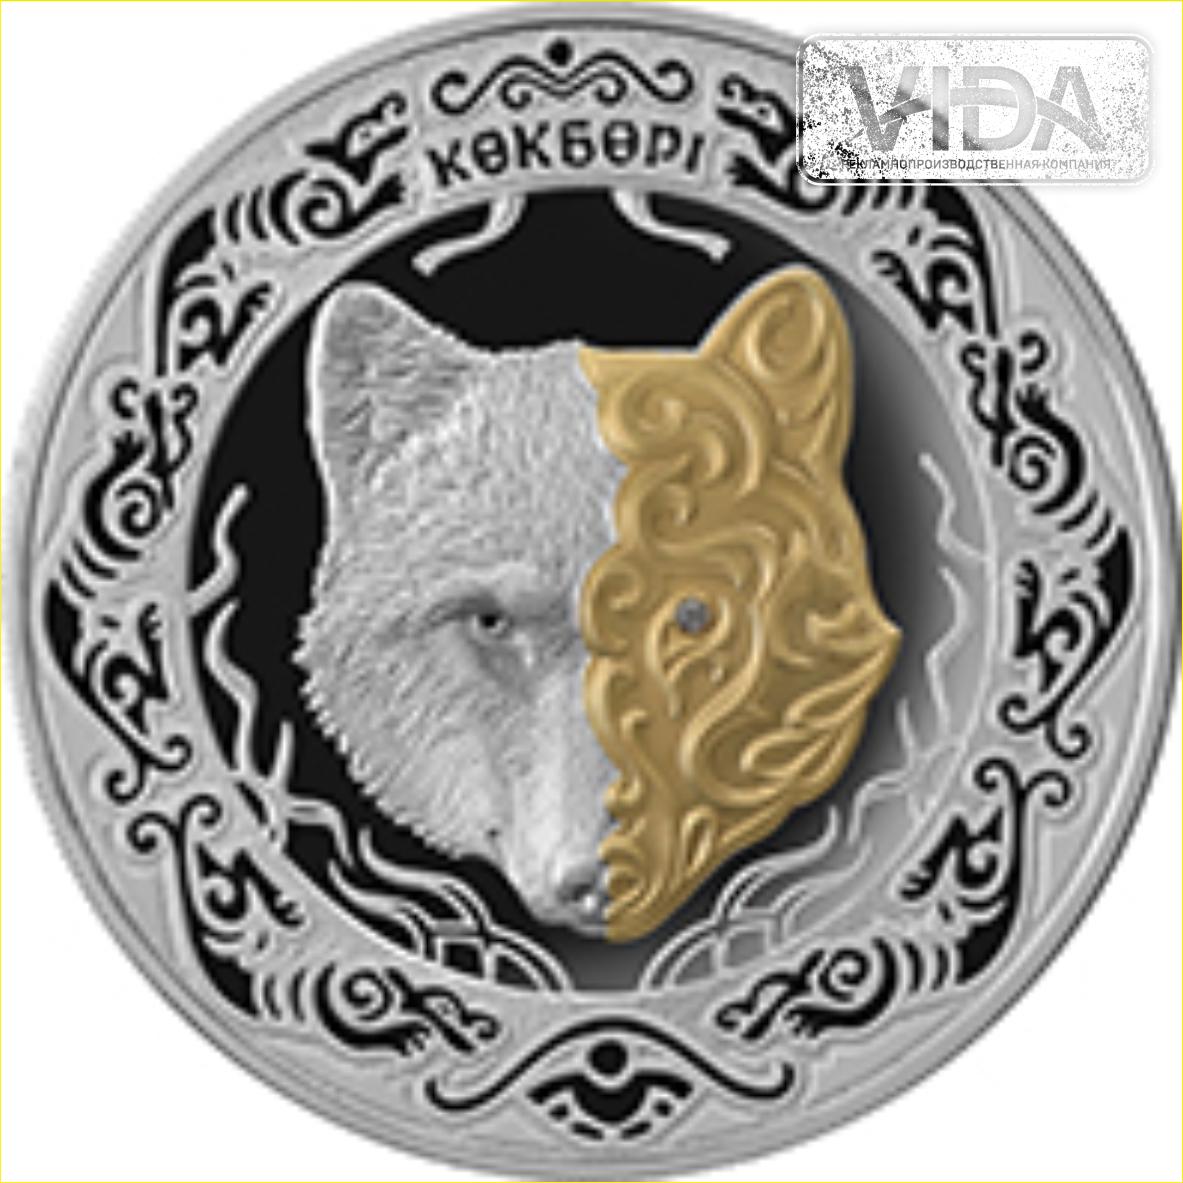 Небесный волк (Көкборі) - 500 тенге (Серебро)